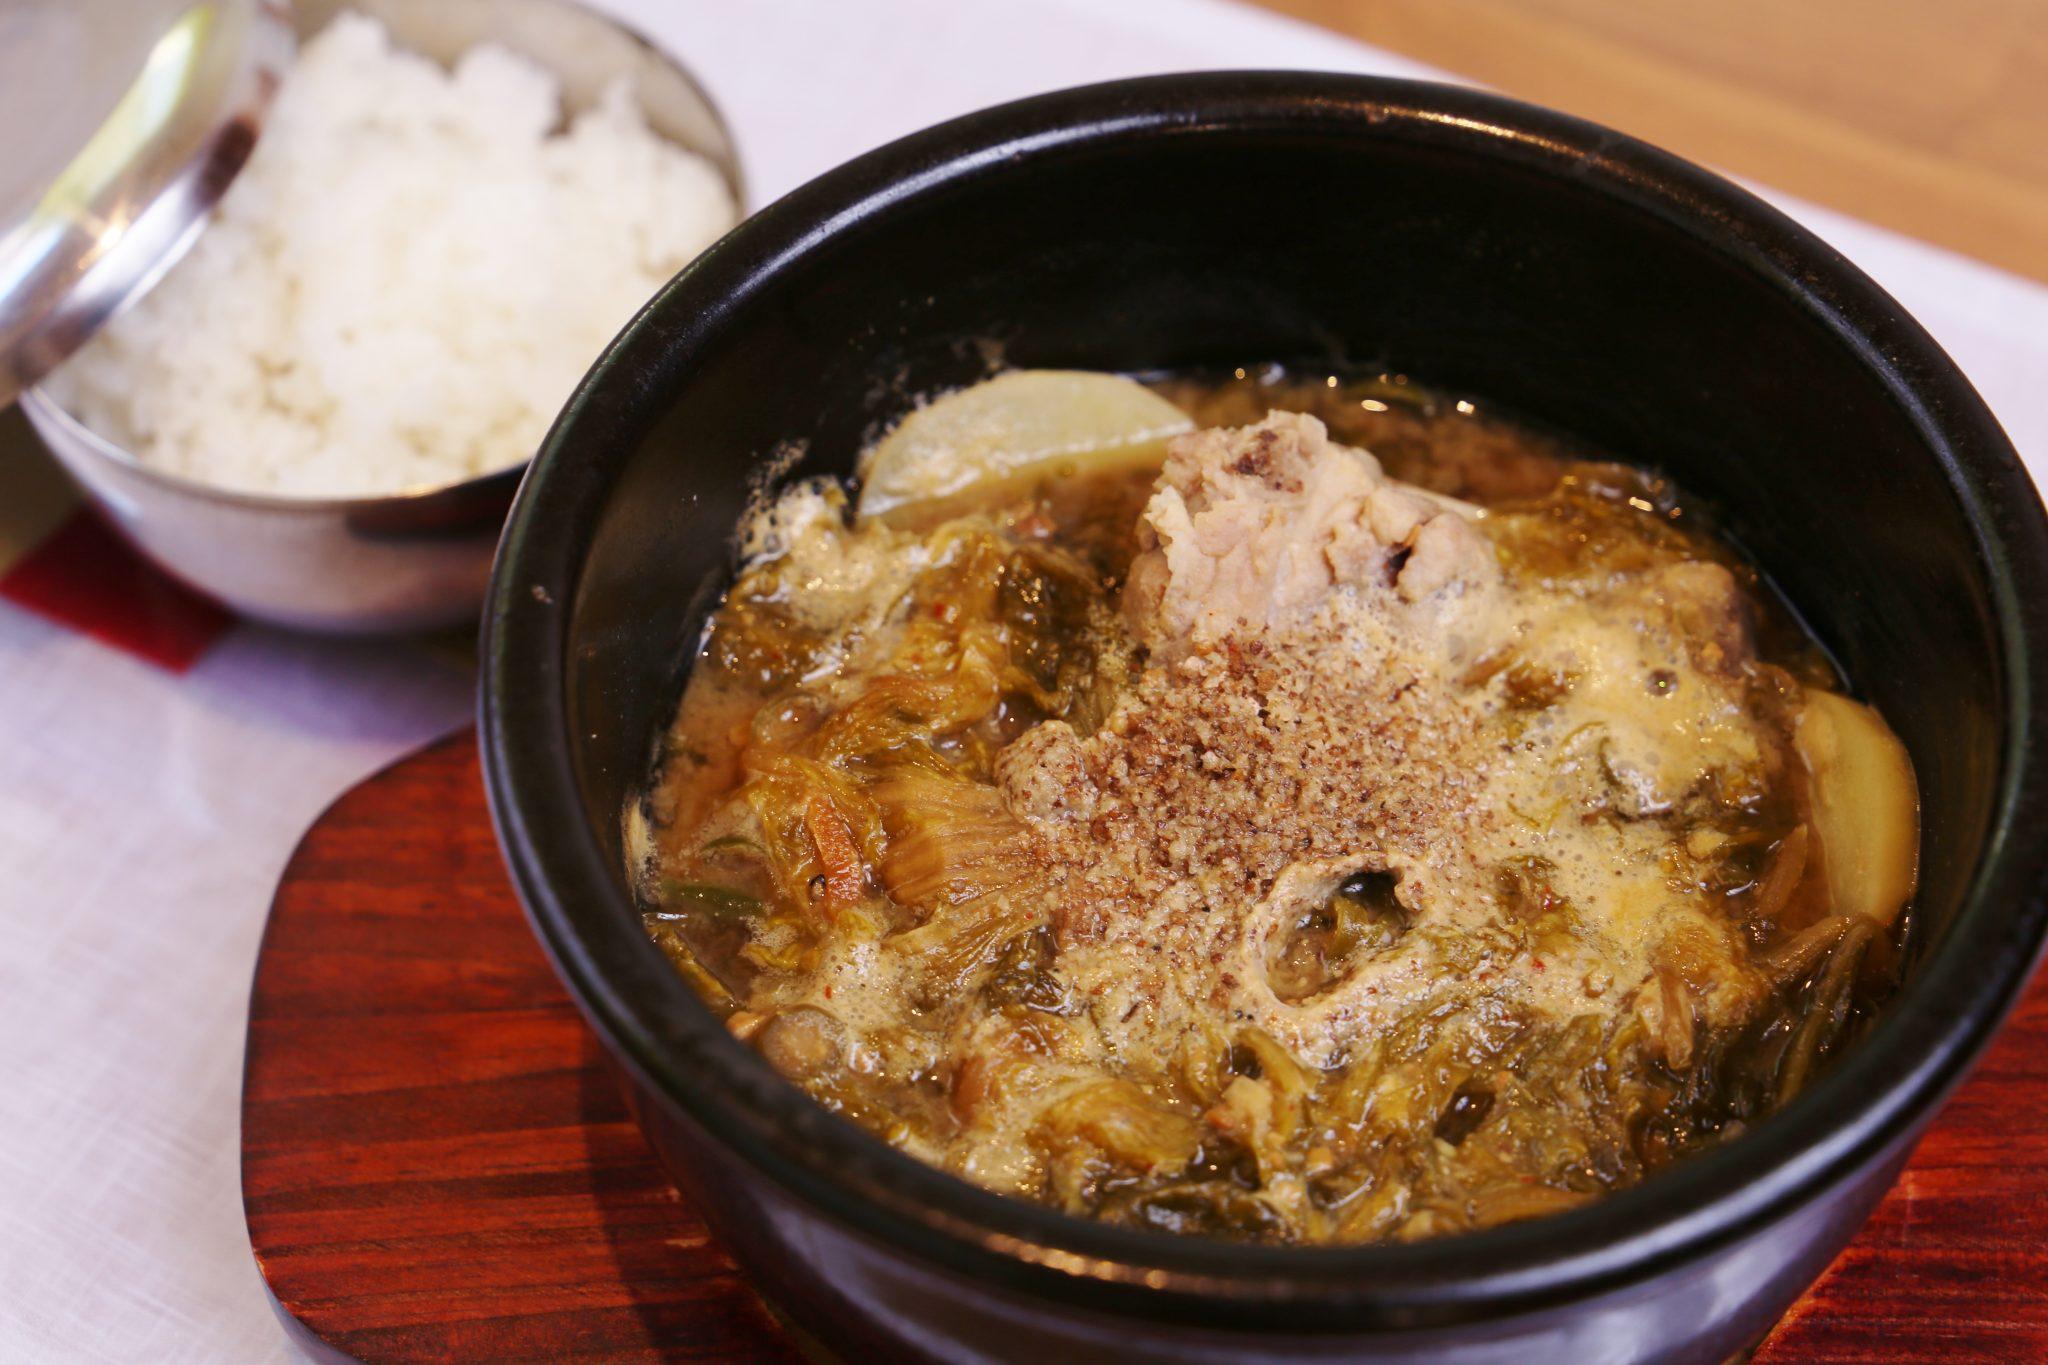 平昌オリンピック開幕まであと73日!ホットな韓国グルメを食べて熱い声援を送ろう